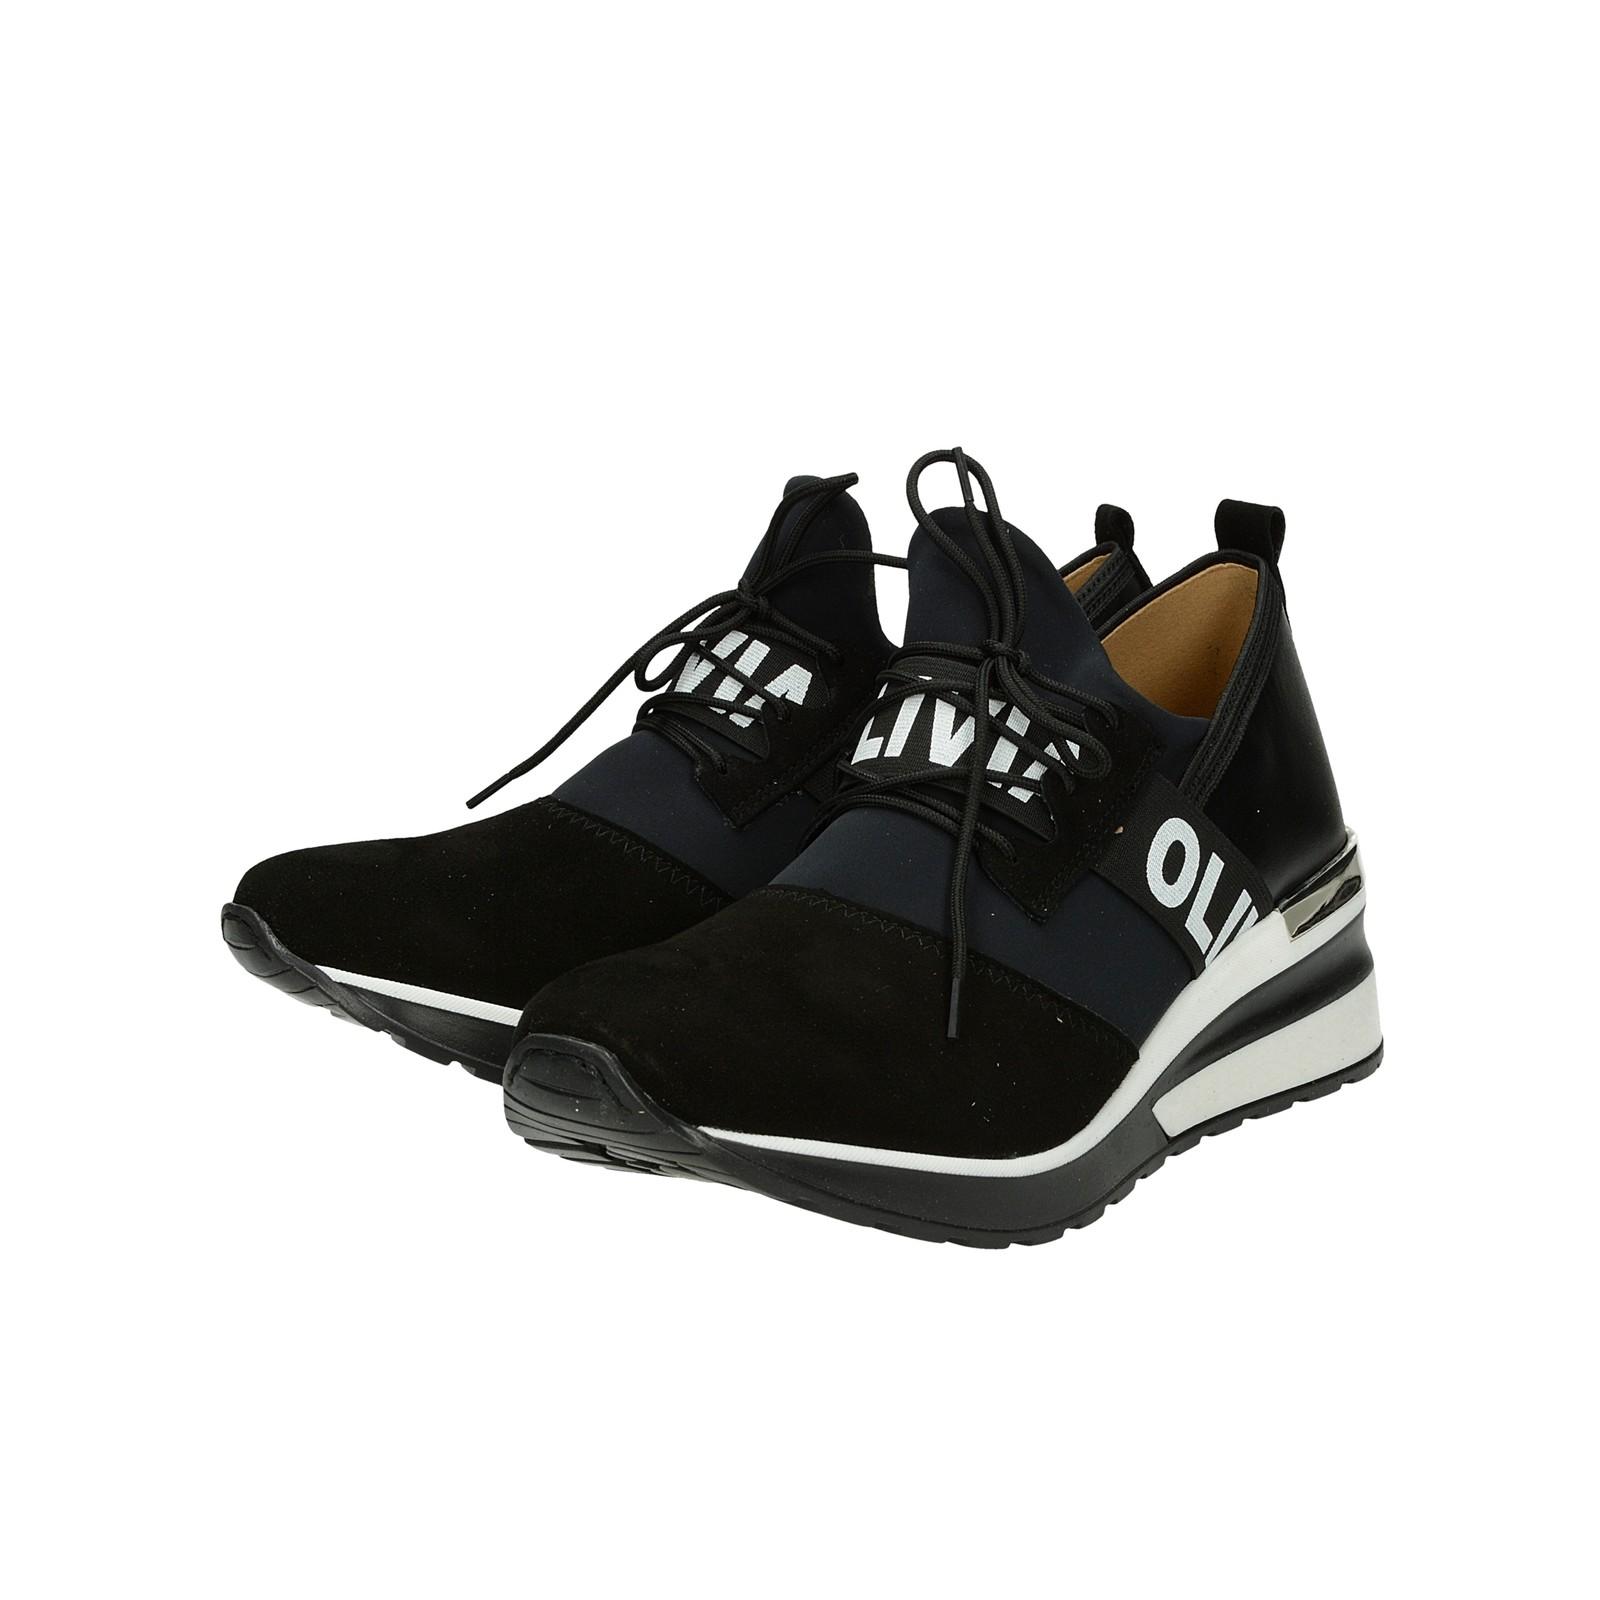 bb2f5d048a ... Olivia shoes dámske kožené tenisky na klinovej podrážke - čierne ...